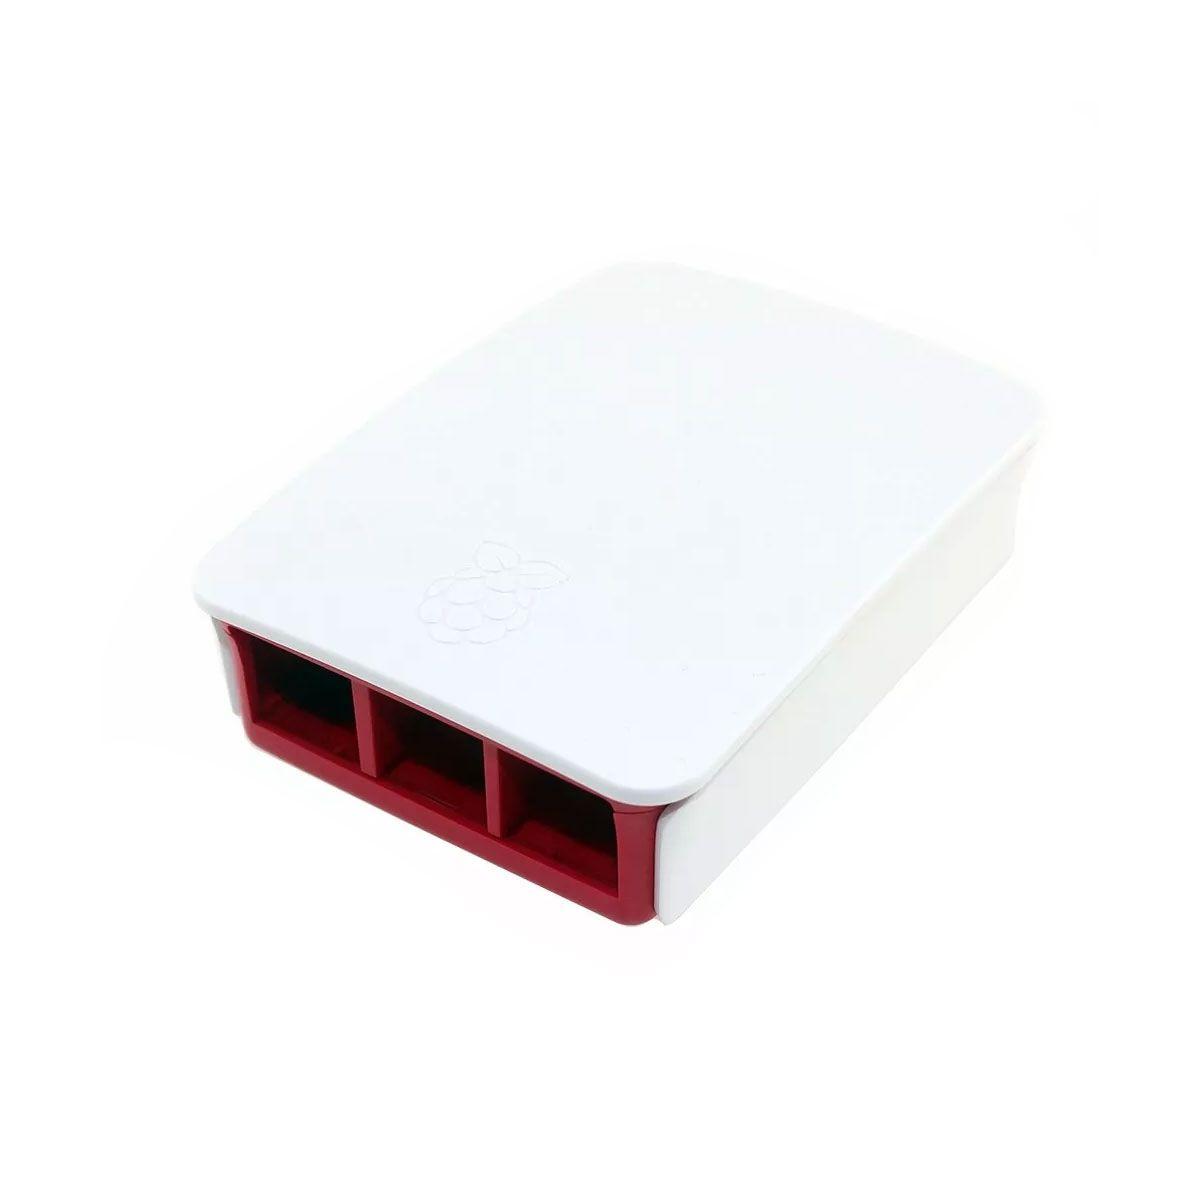 Case Oficial Raspberry Pi 3 | Vermelha e Branca